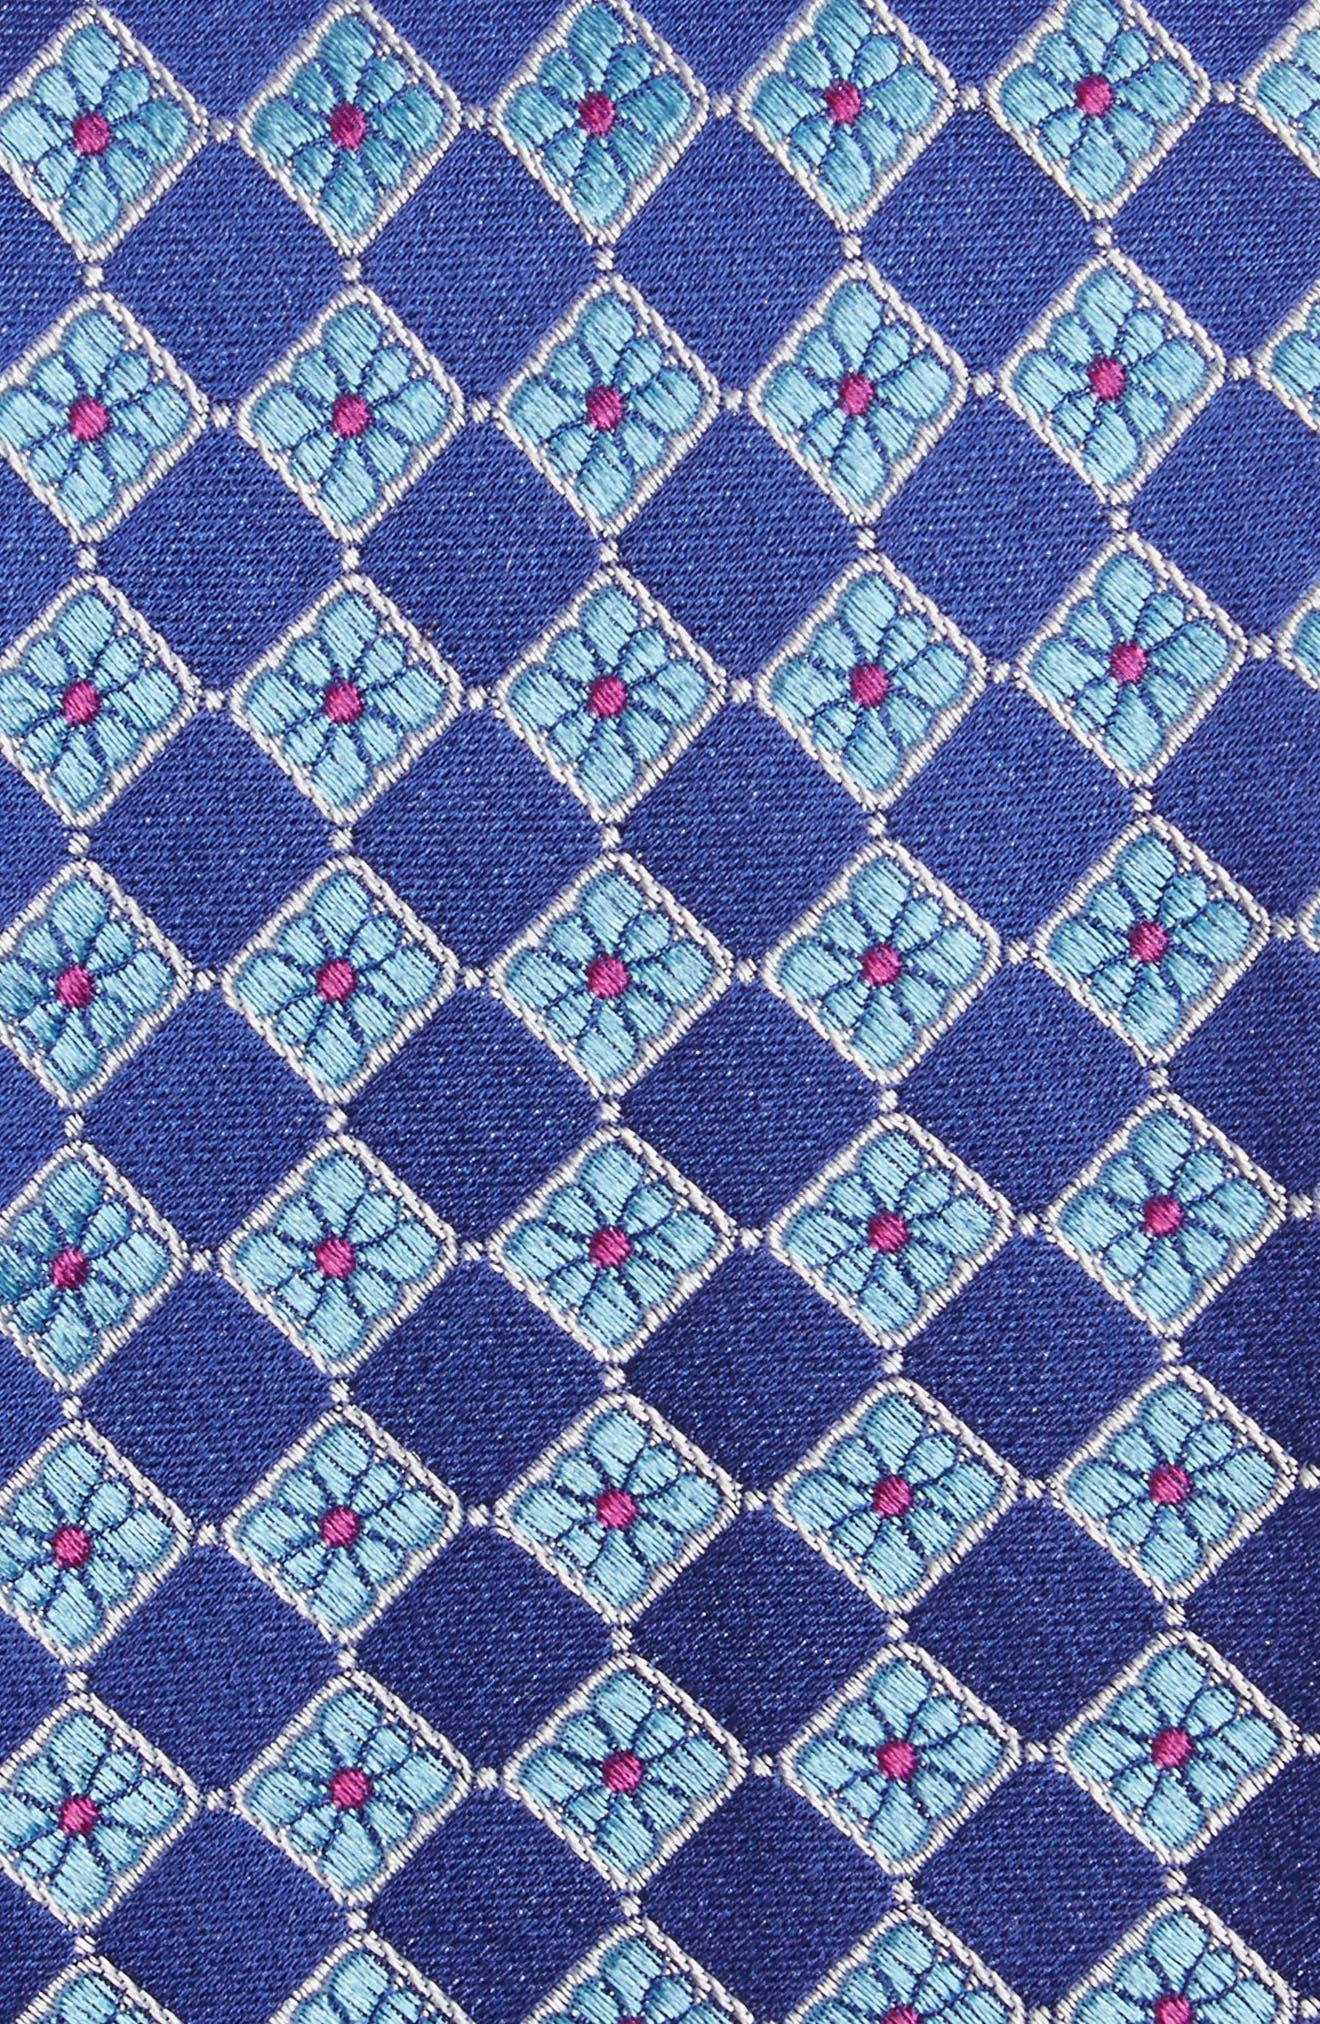 Floral Squares Silk Tie,                             Alternate thumbnail 2, color,                             420